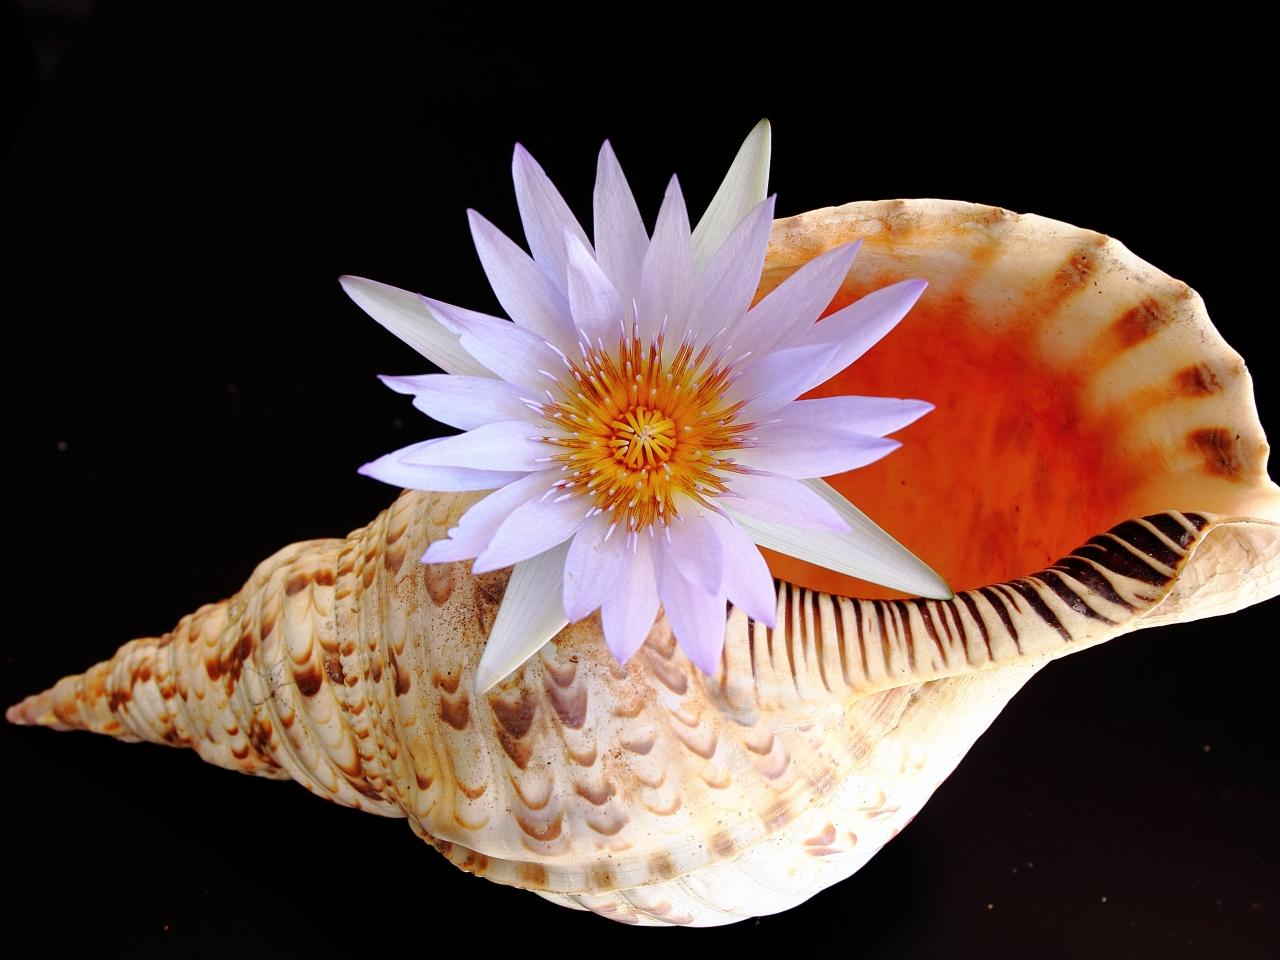 Una concha y una flor - 1280x960